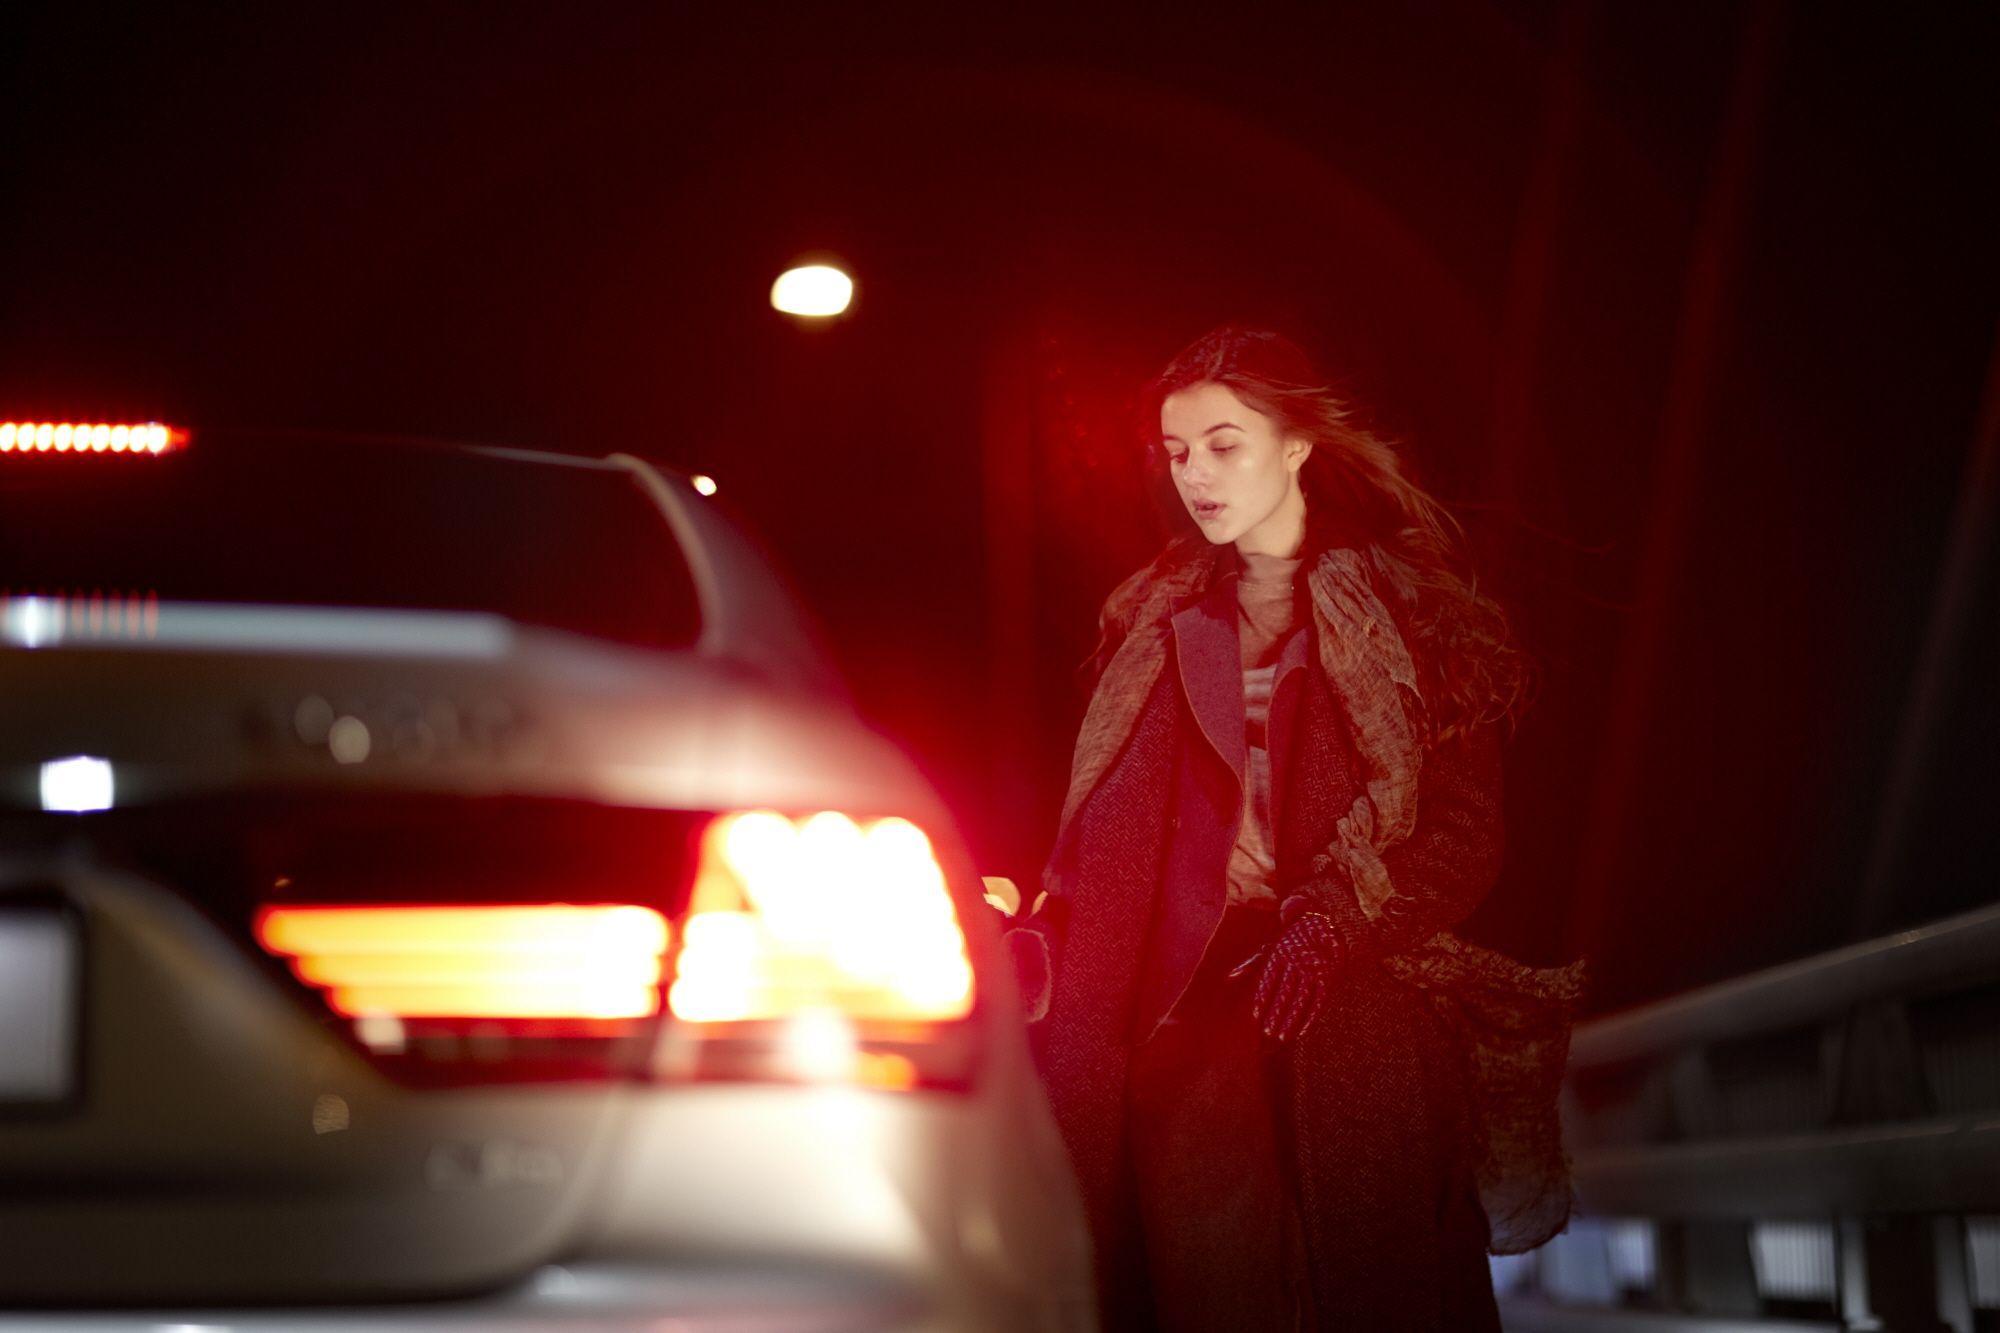 새벽의 고요를, 운전자의 평화를 친애하는 LS는 그저 조용하게 센터페시아를 밝혀준다. | Lexus i-Magazine Ver.3 앱 다운로드 ▶ www.lexus.co.kr/magazine #Lexus #LS #Car #Magazine